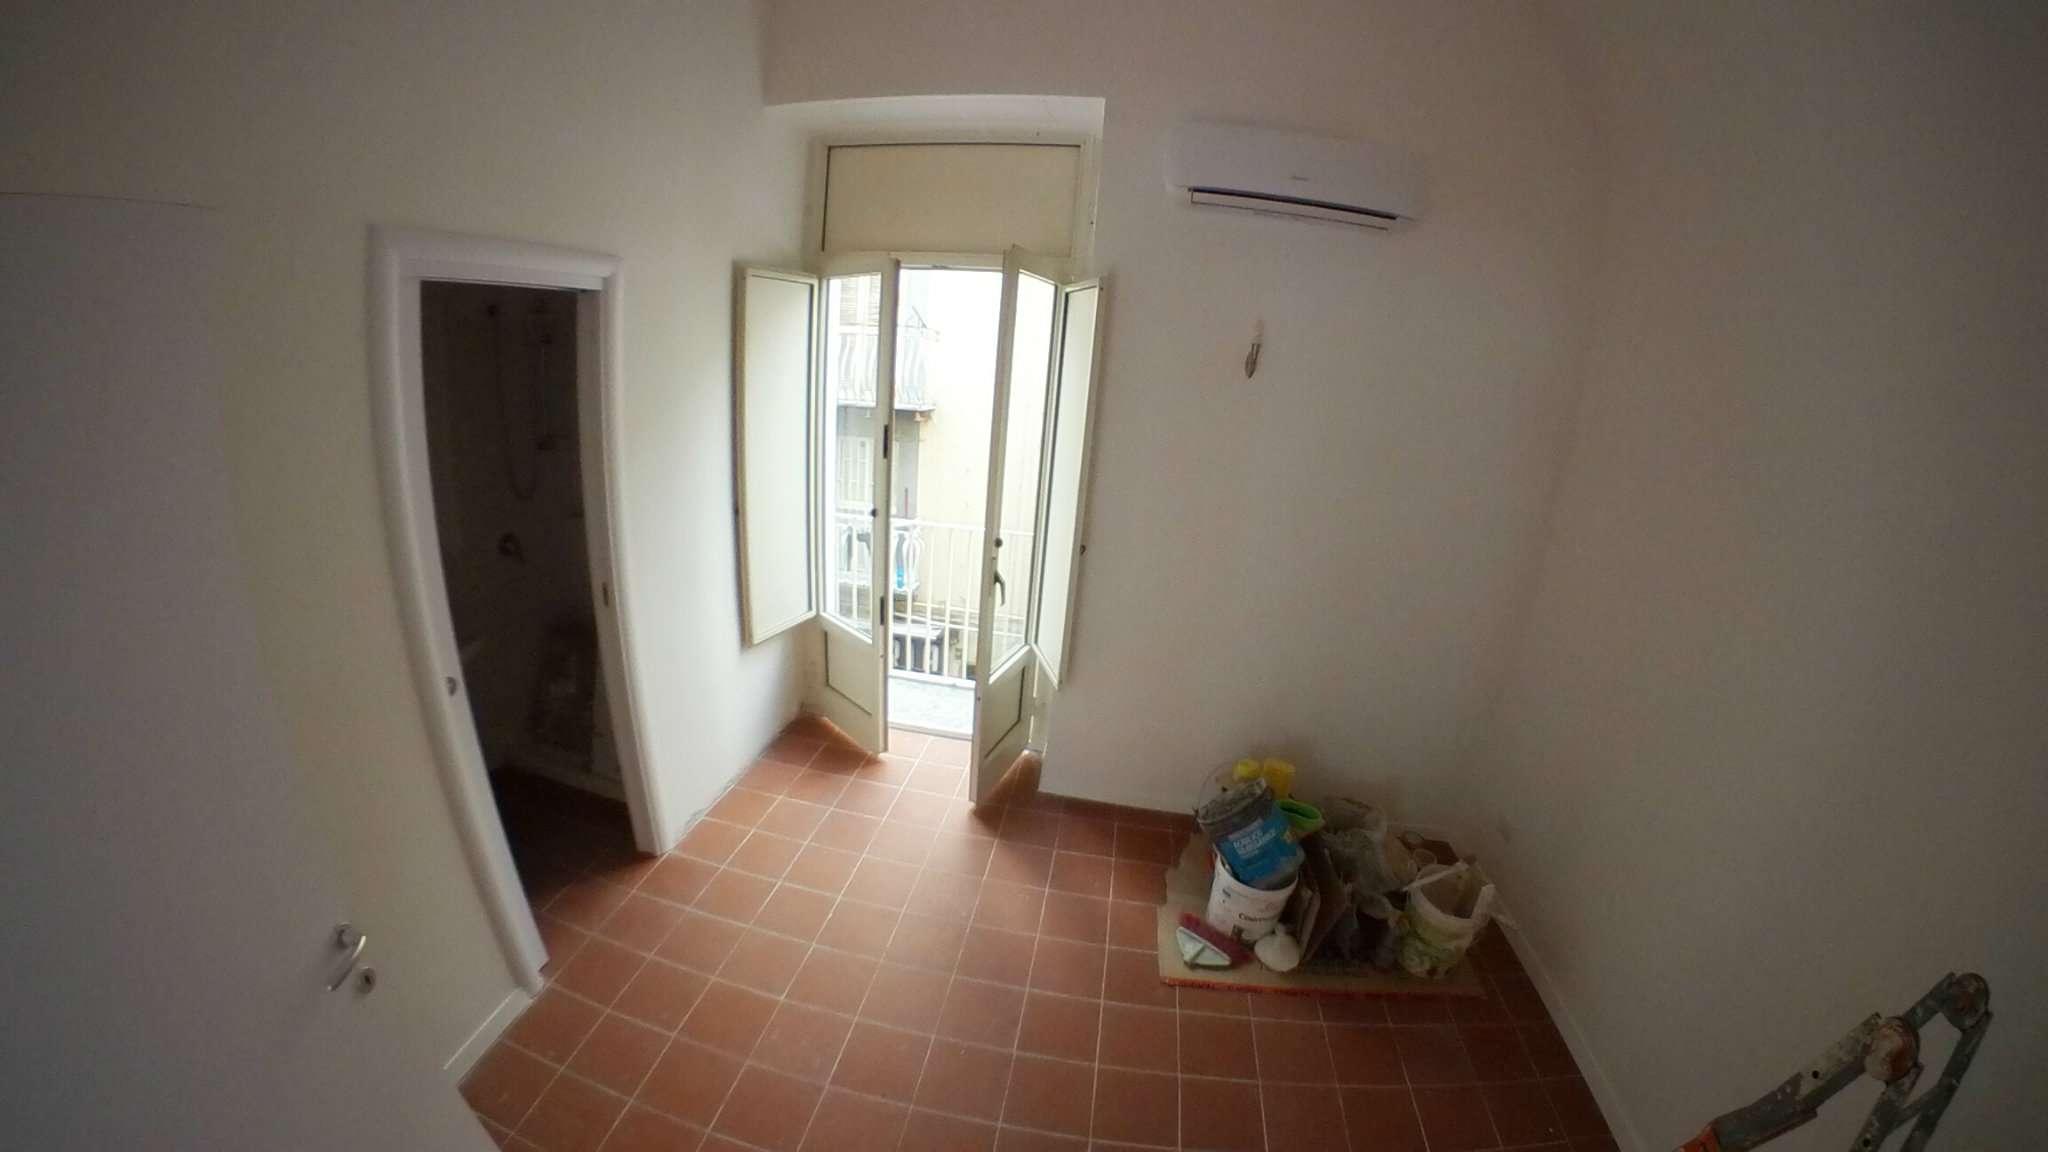 Appartamento in affitto a Napoli, 2 locali, zona Zona: 1 . Chiaia, Posillipo, San Ferdinando, prezzo € 780   Cambio Casa.it